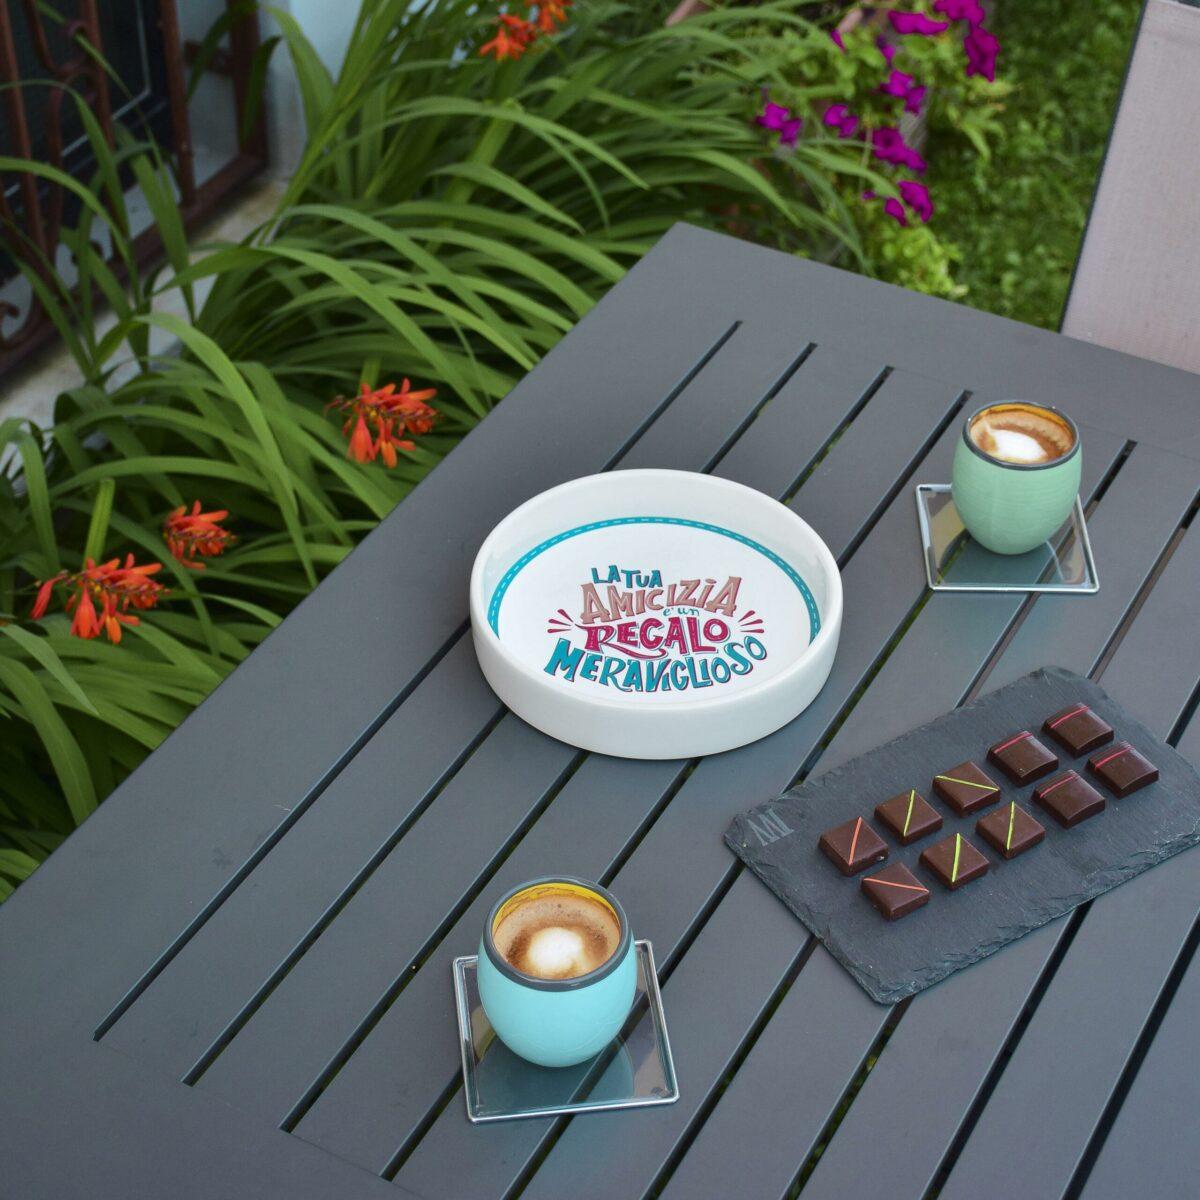 """ciotola in ceramica con scritta """"la tua amicizia è un regalo meraviglioso"""" è al centro di un tavolo con due tazzine di caffè e cioccolatini"""